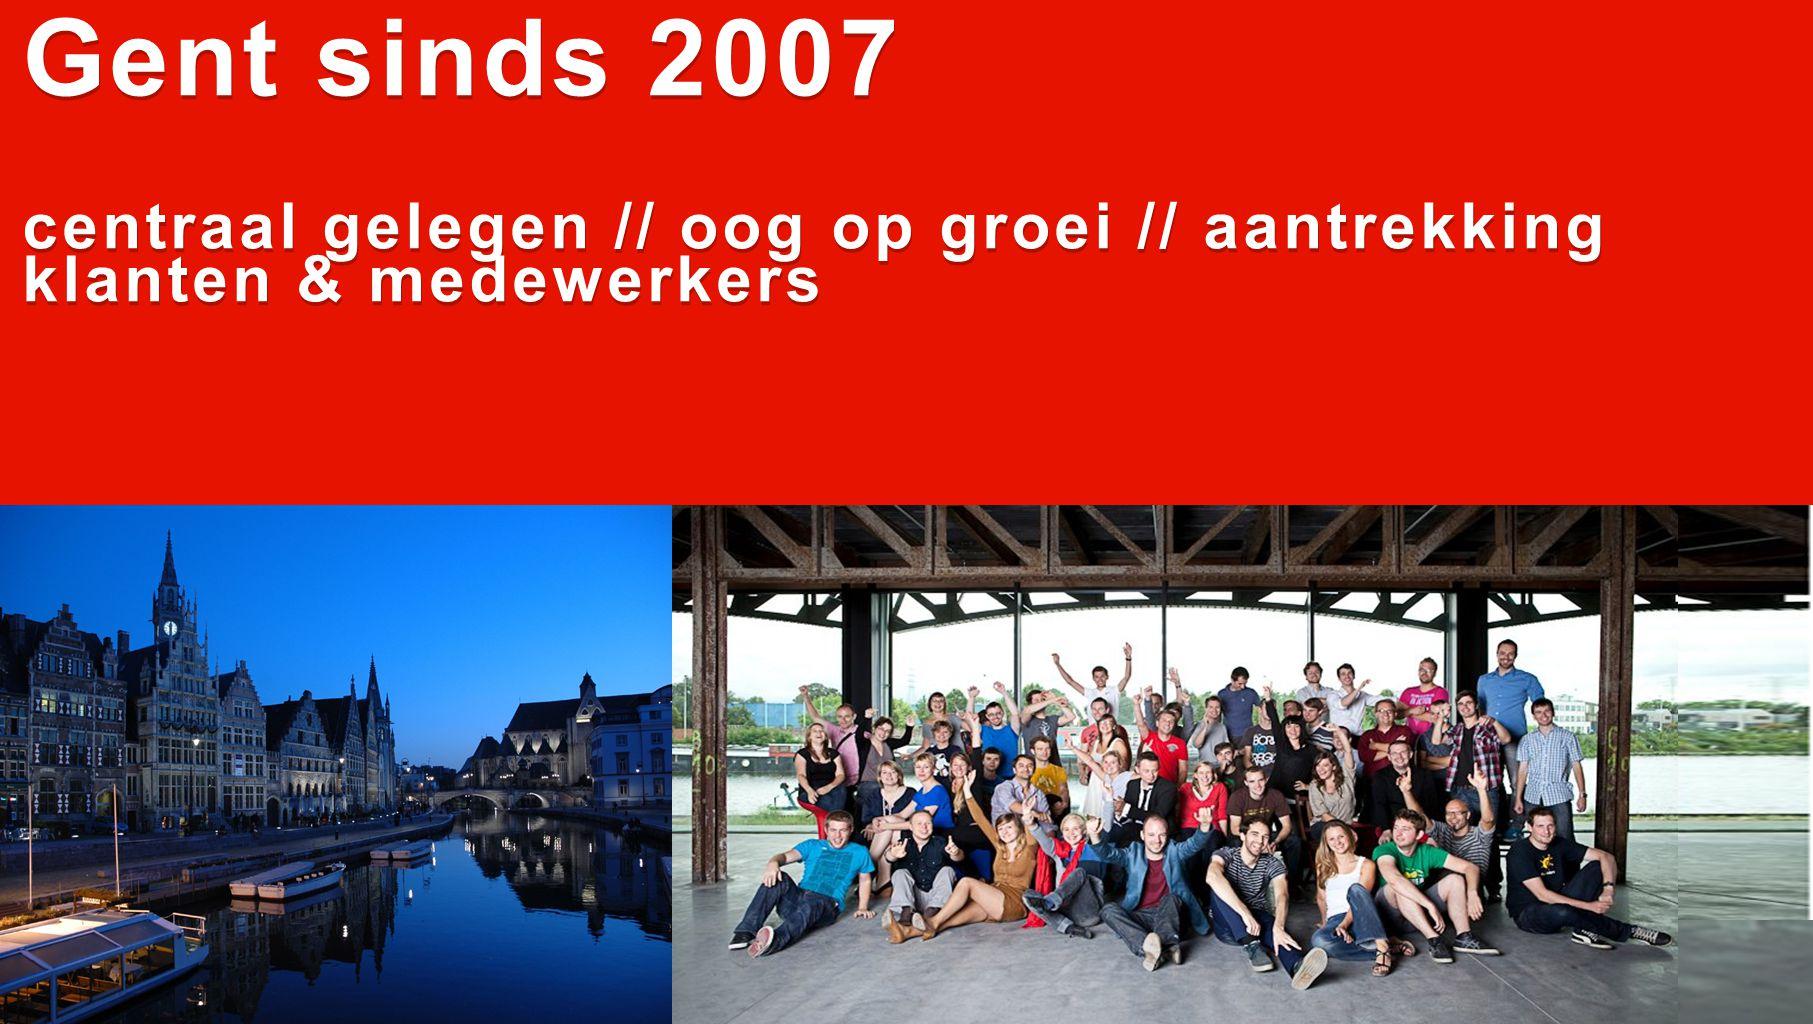 Gent sinds 2007 centraal gelegen // oog op groei // aantrekking klanten & medewerkers